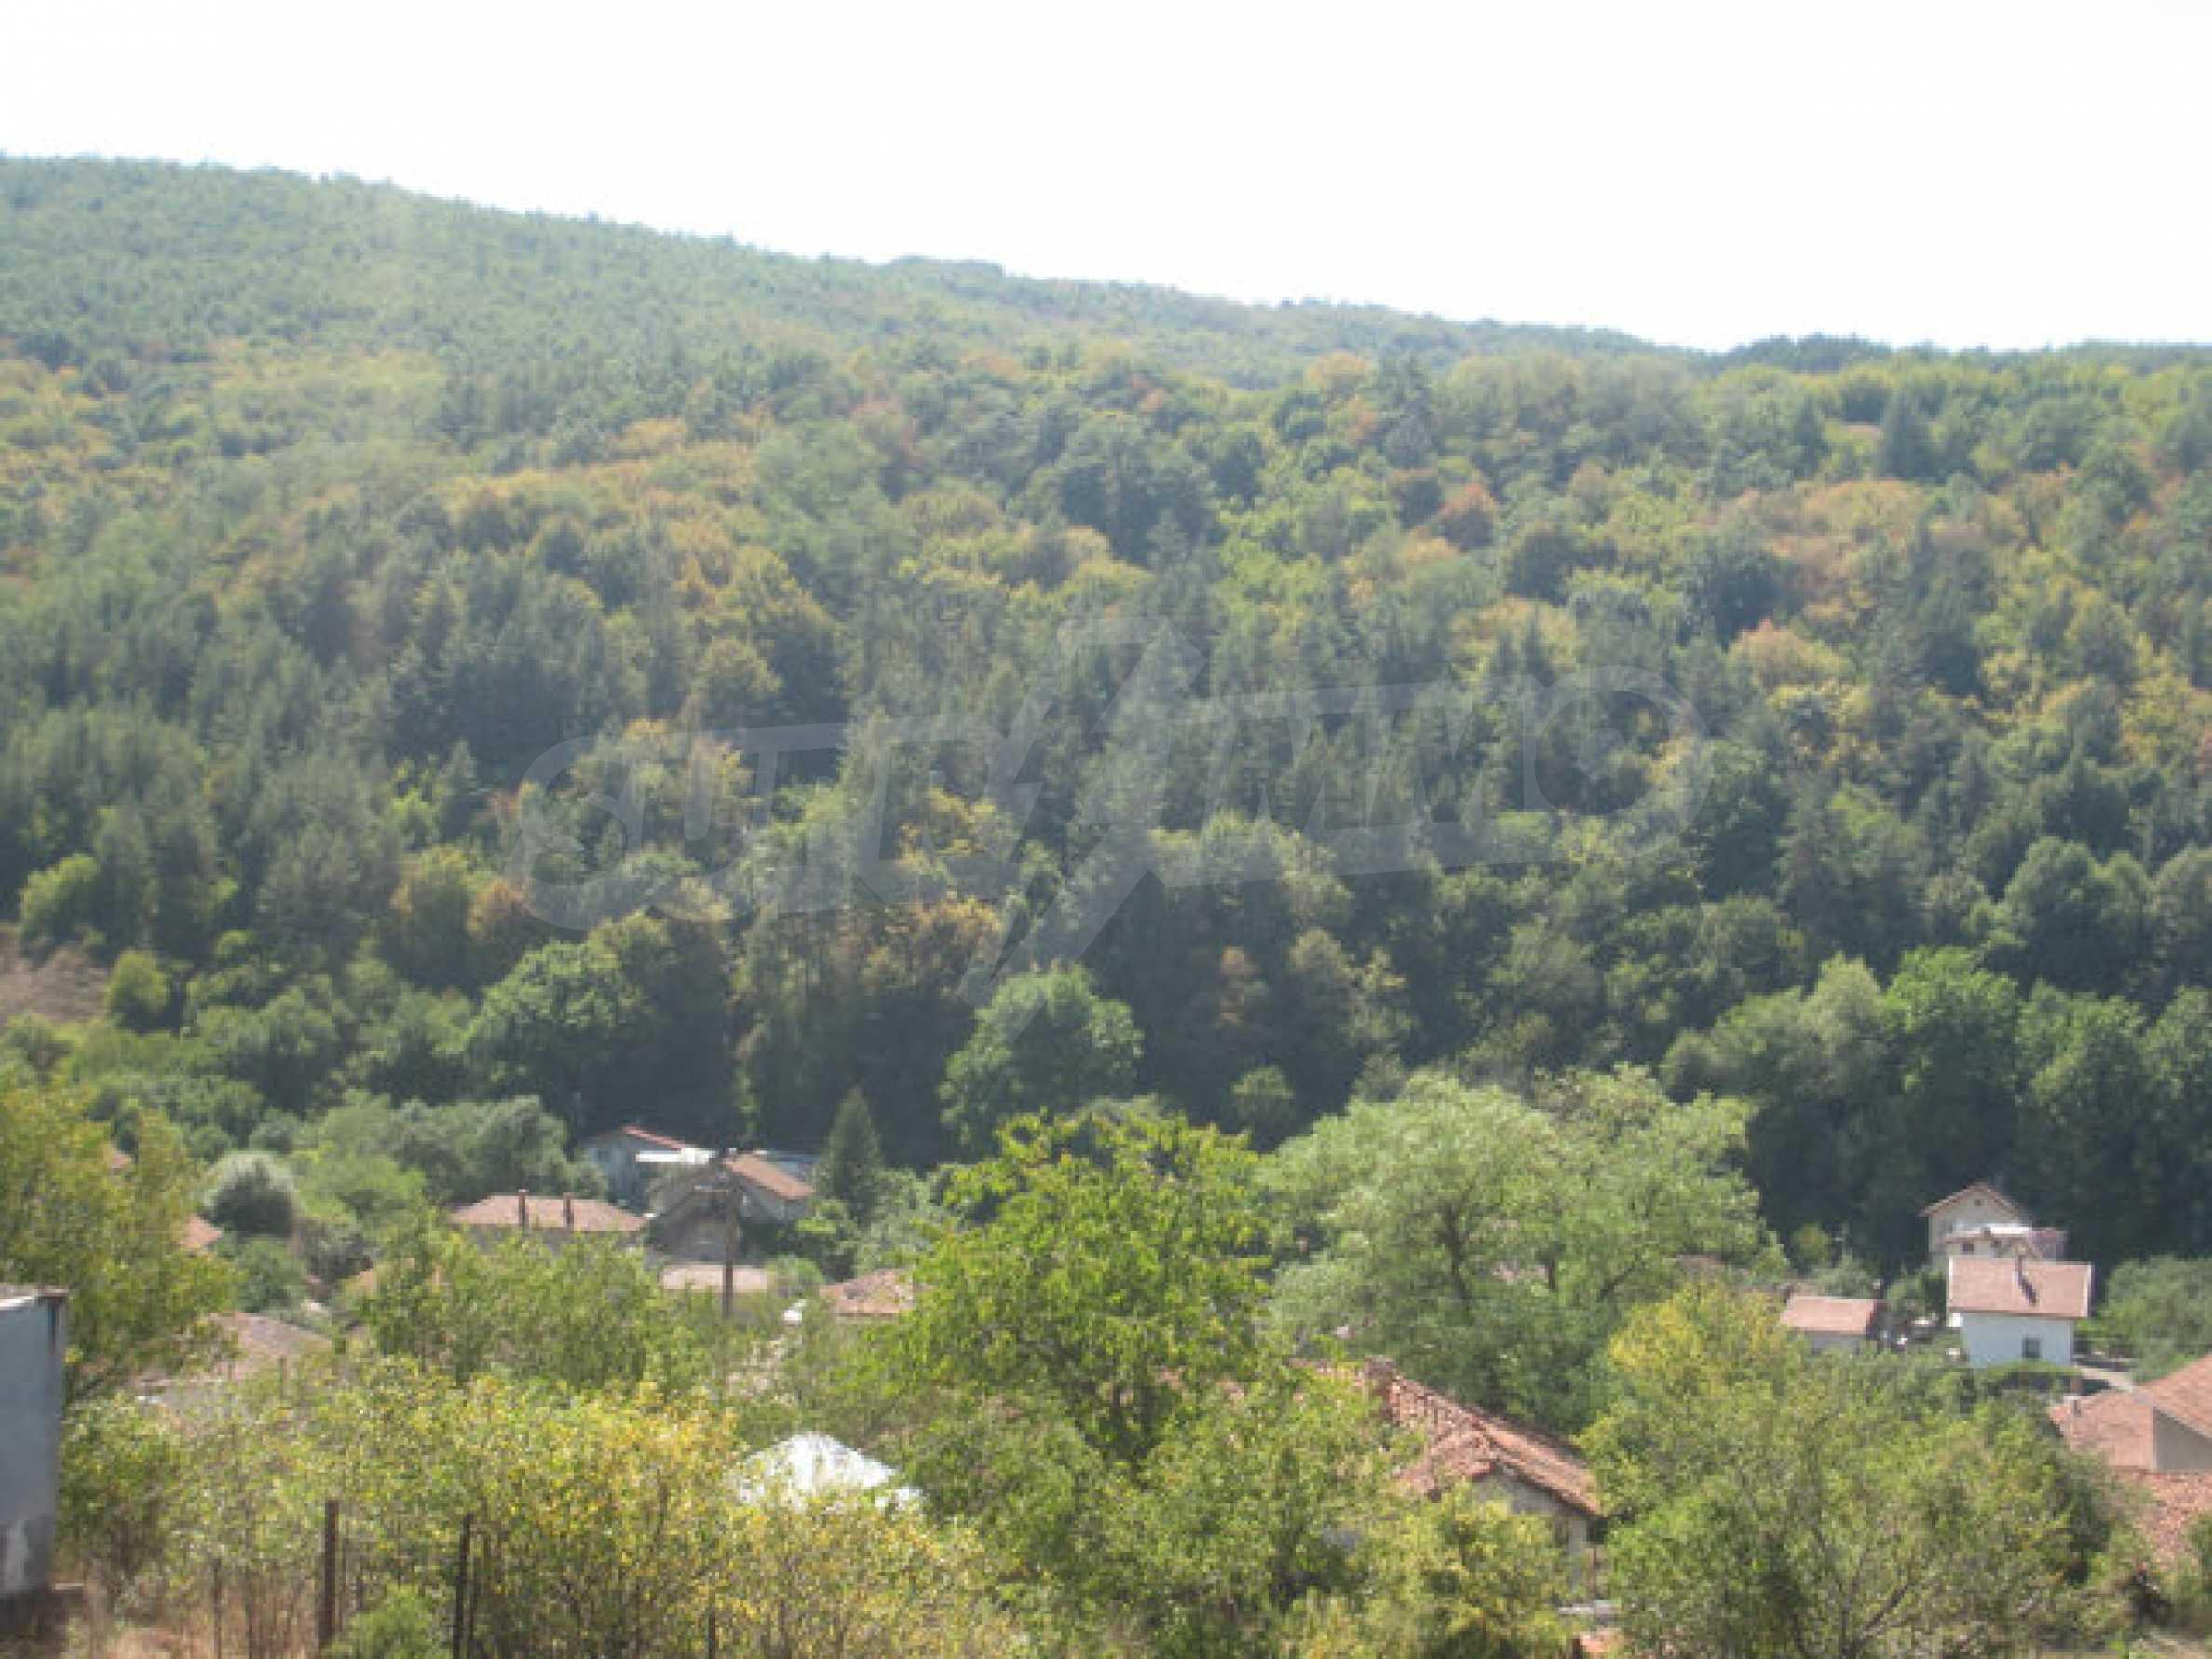 Geregeltes Baugrundstück in einem Dorf in der Nähe von Elin Pelin 12